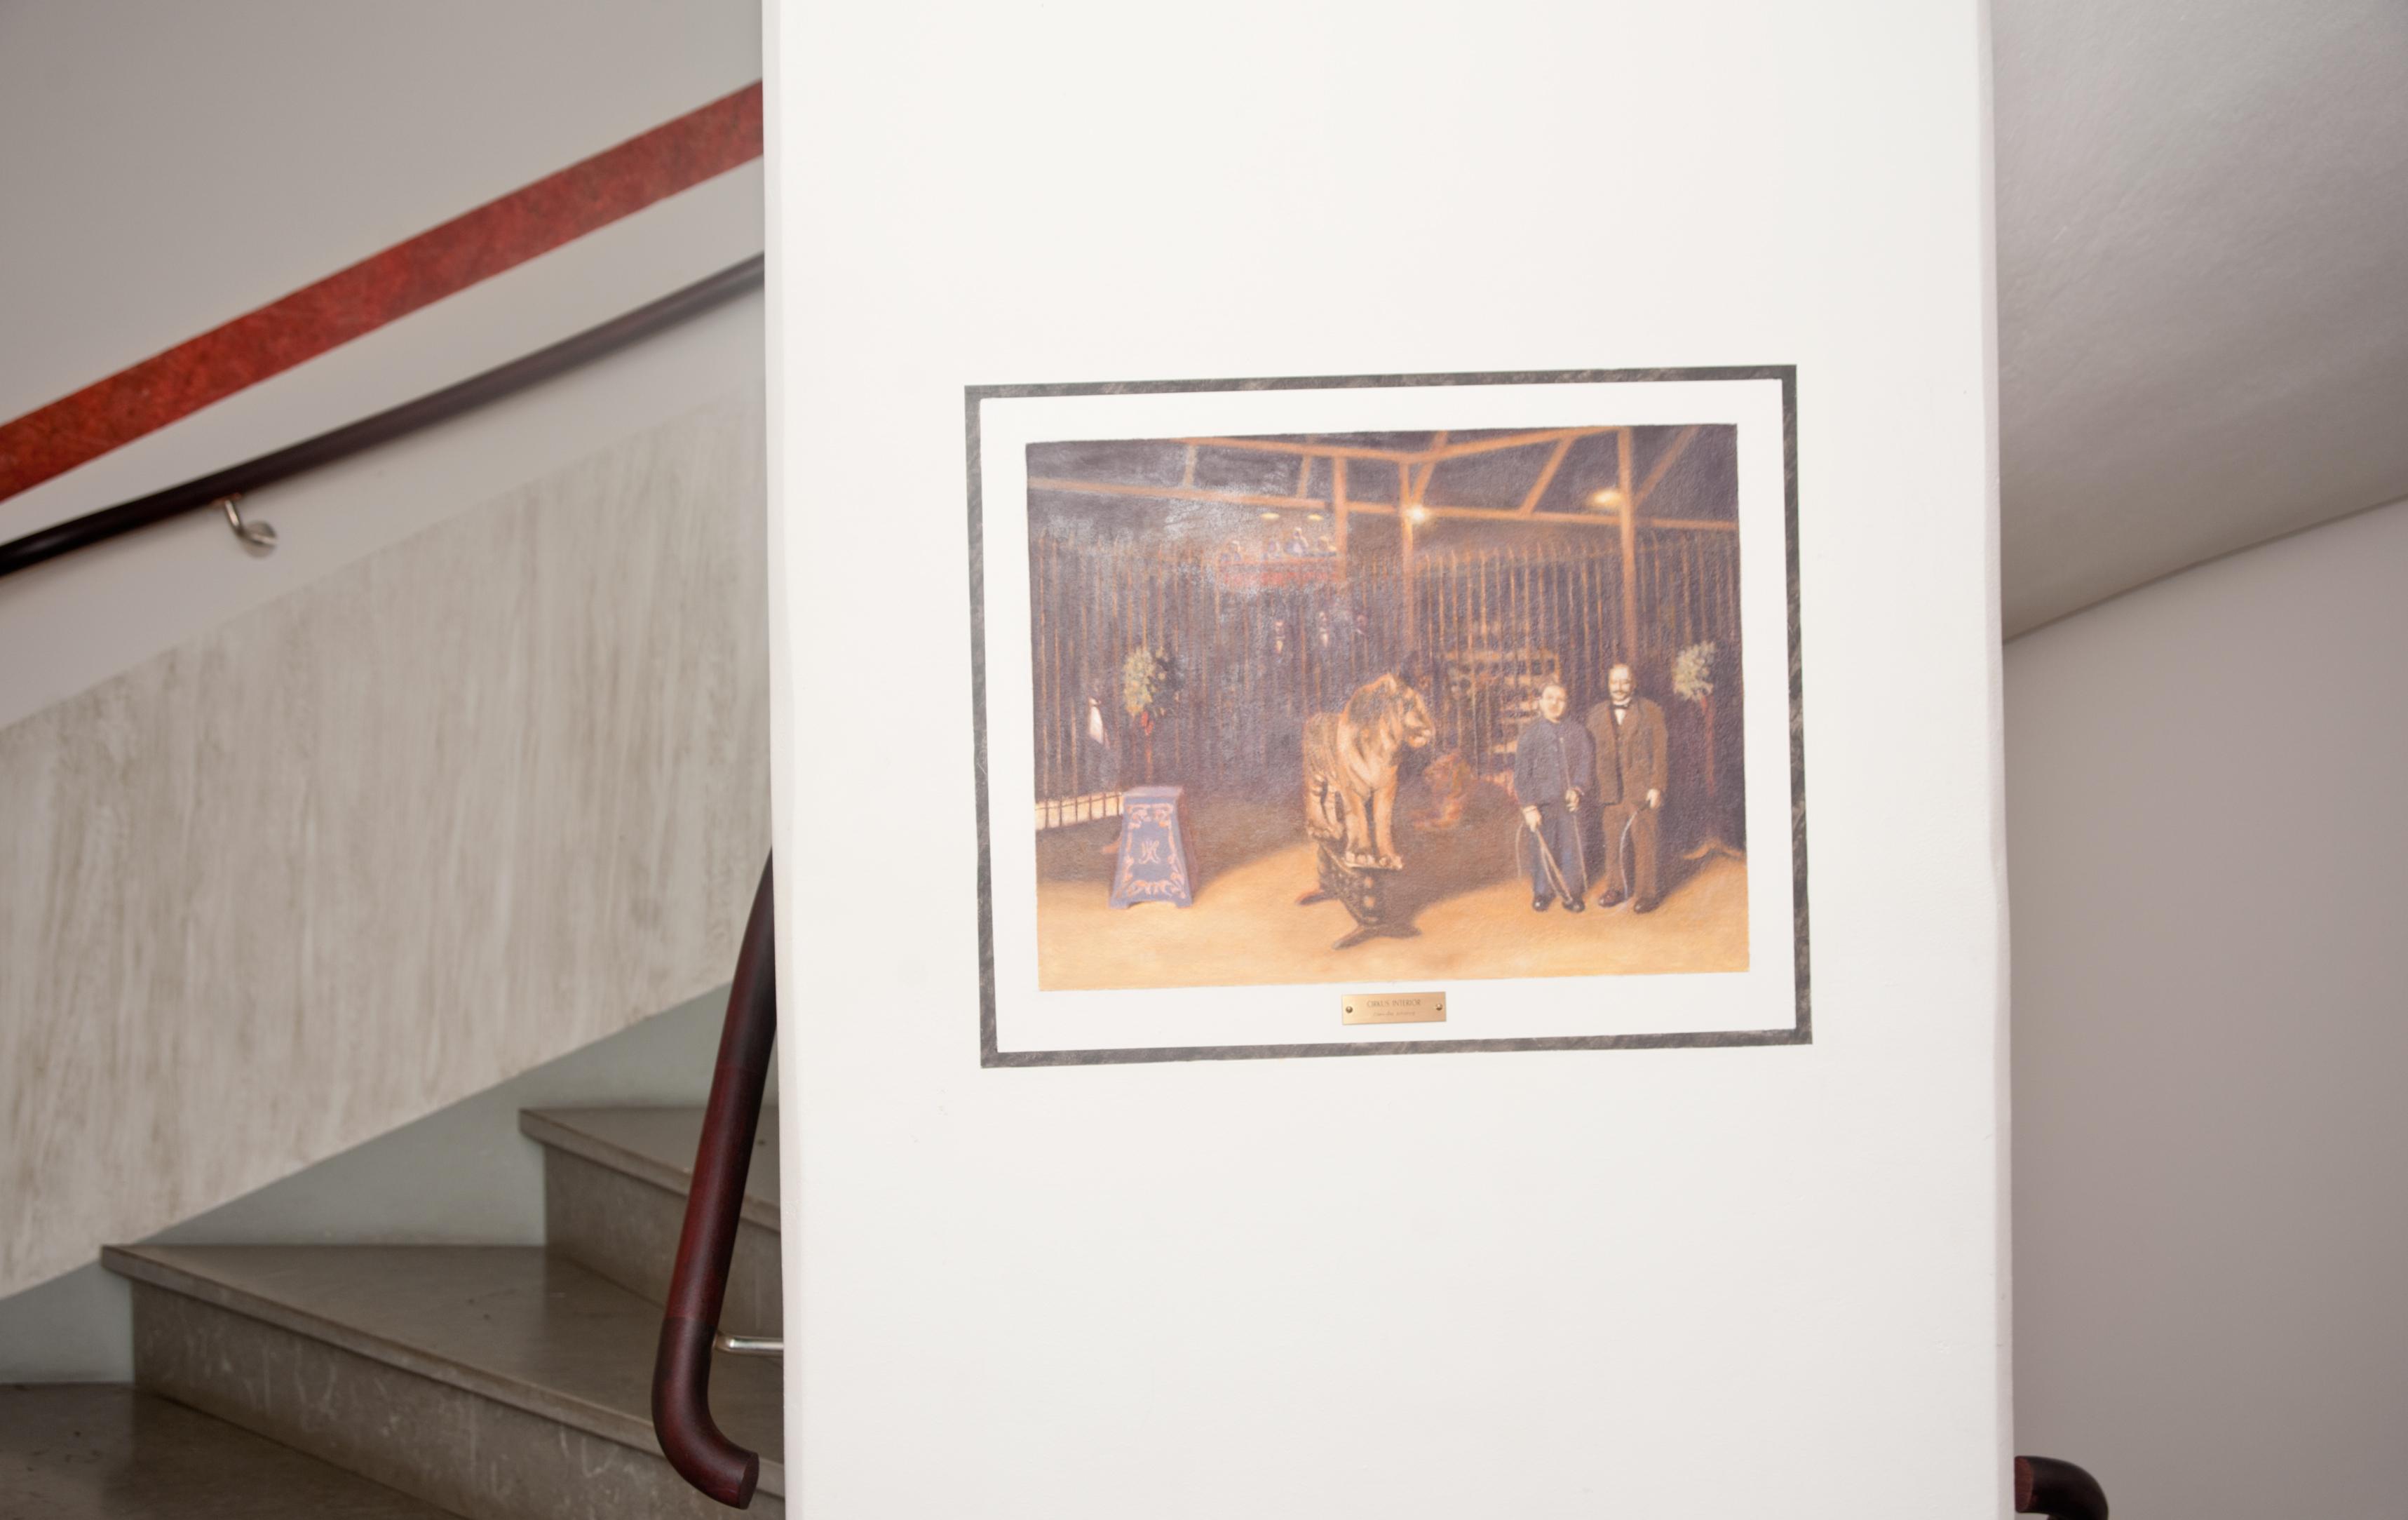 Claes-Åke Schlönzig - Interiör från cirkusbyggnaden - Klicka för att byta till närbild.